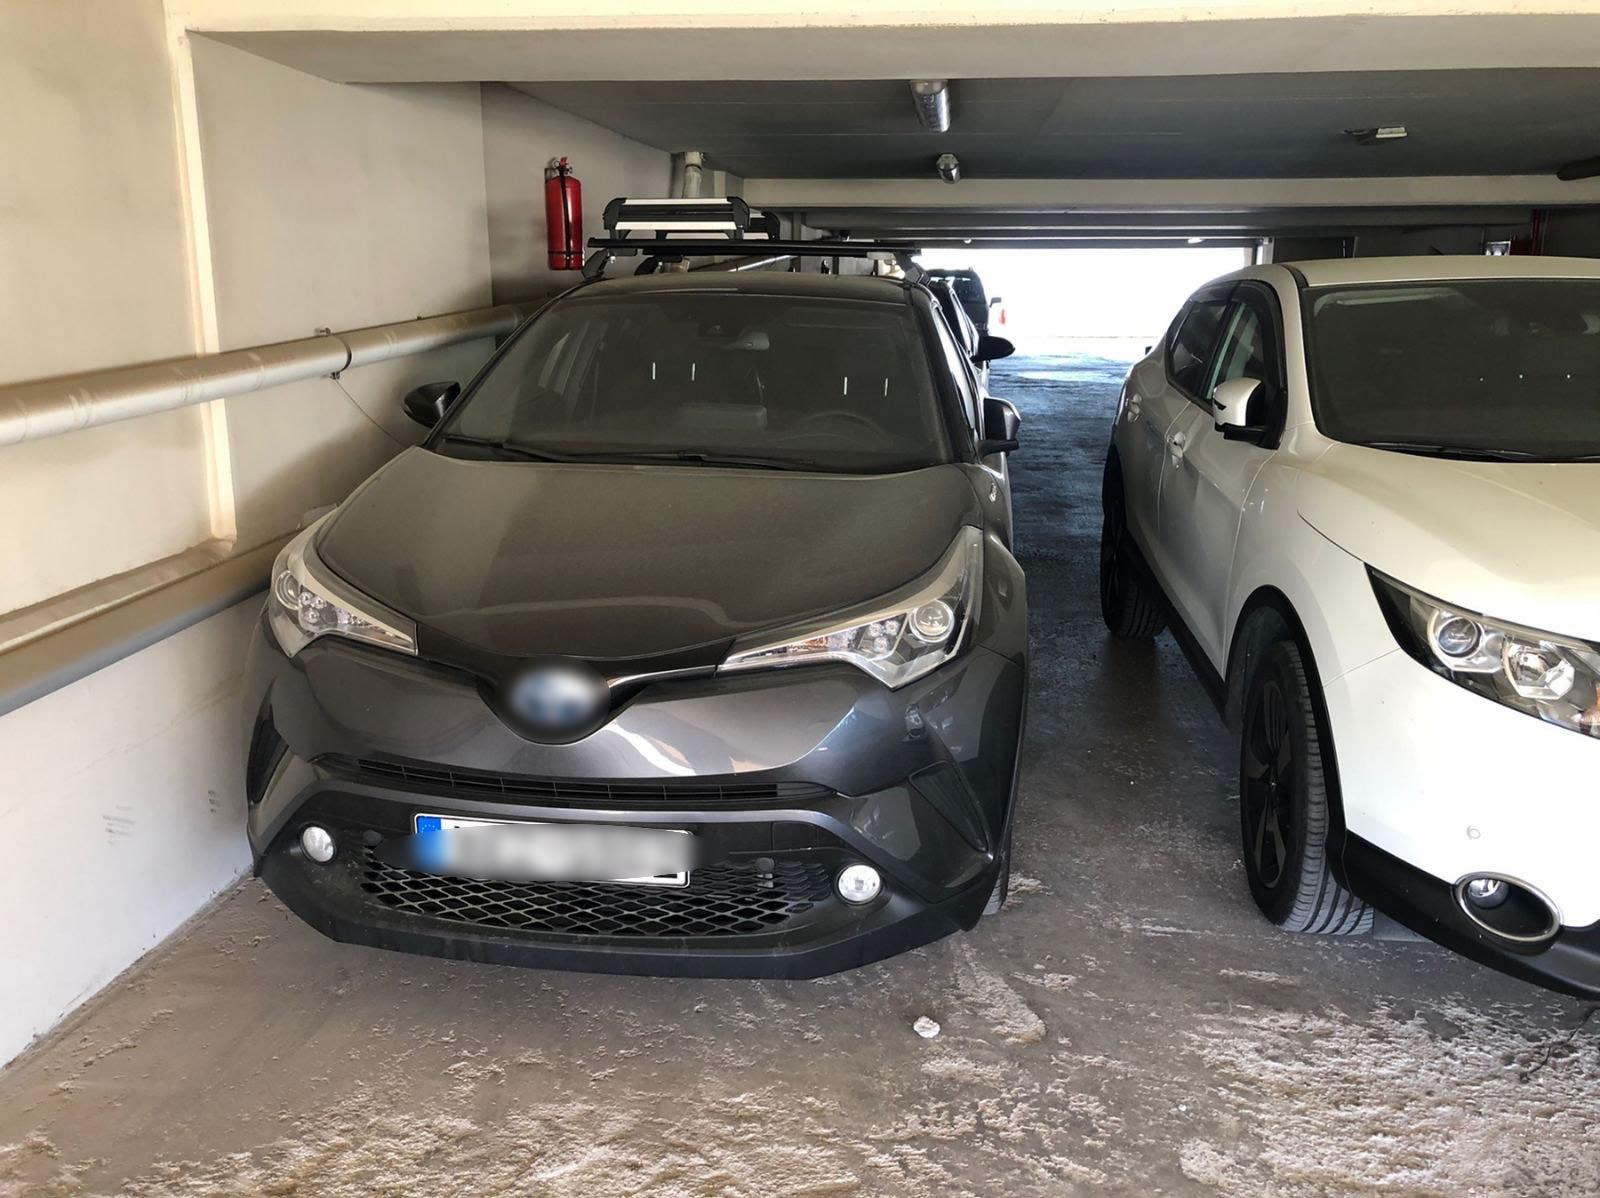 Attiki_stolen_vehicles_0009